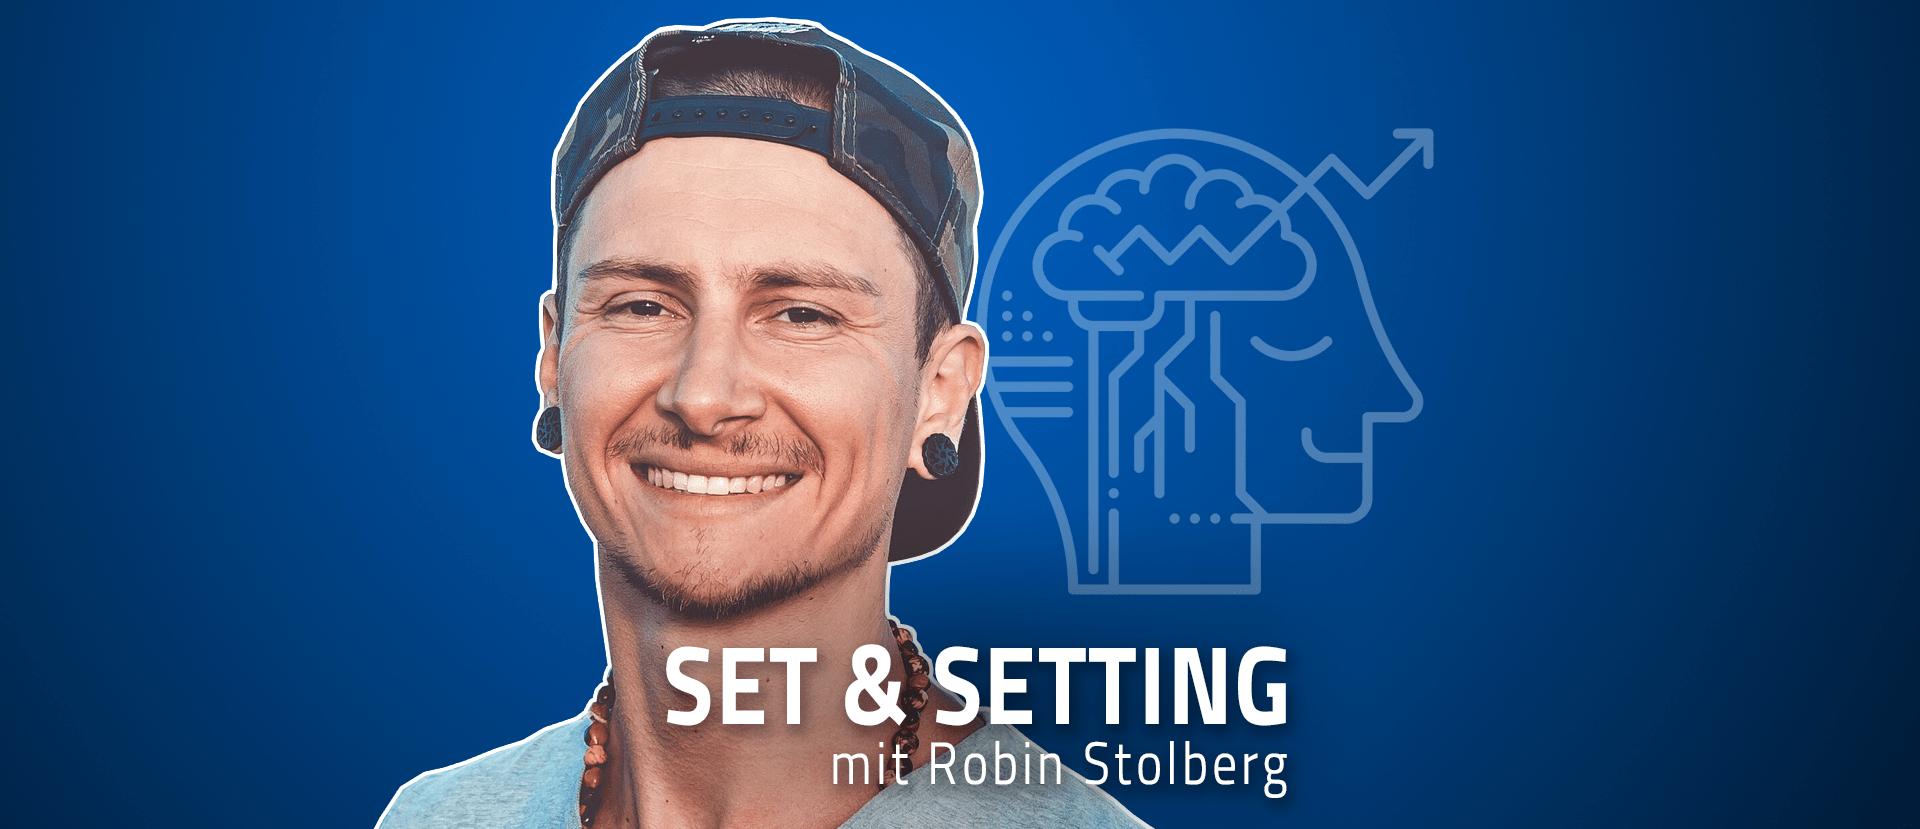 """#36 """"Meditation muss cooler werden!"""" – Robin Stolberg über seine 8-wöchige Ayahuasca-Kur, Wim Hofs pinke Gitarre und das psychedelische Potenzial von Dunkelheit"""